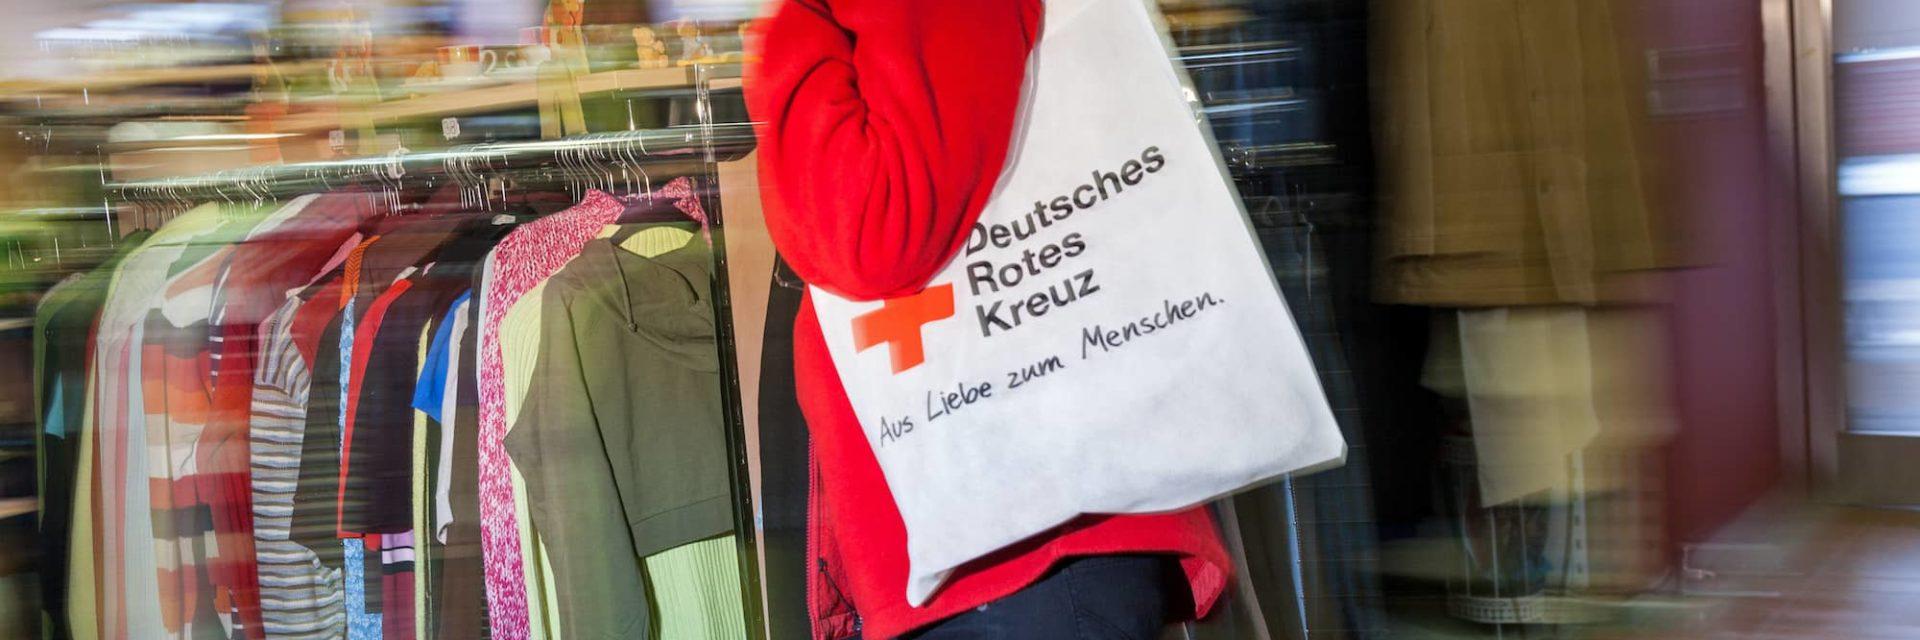 Deutsches Rotes Kreuz Bremen, Kleiderkammern